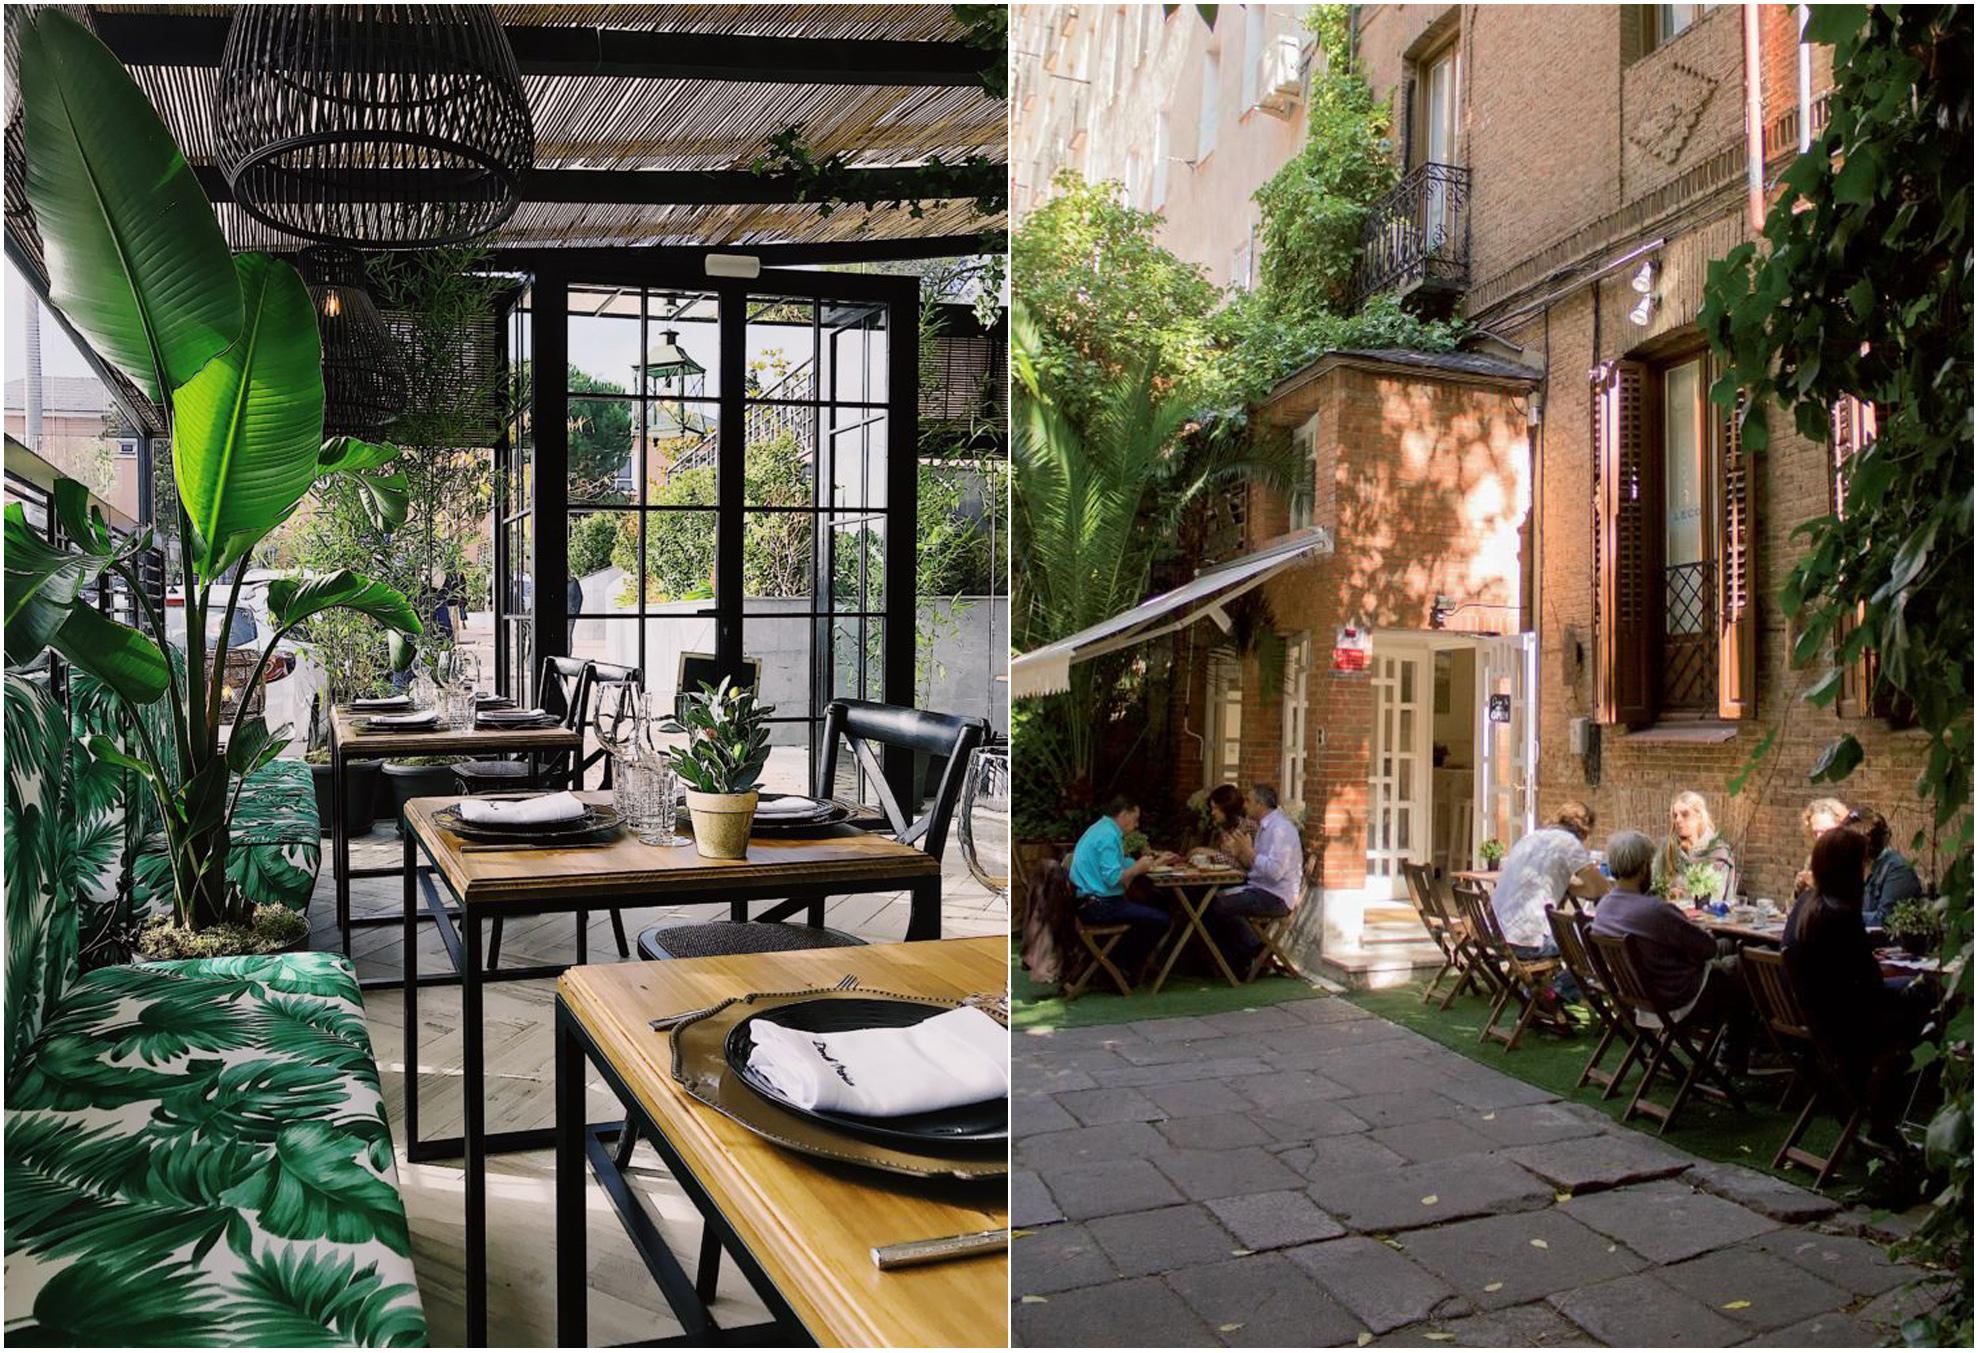 Las 15 Terrazas Más Bonitas De Madrid Para Cenar Por Menos